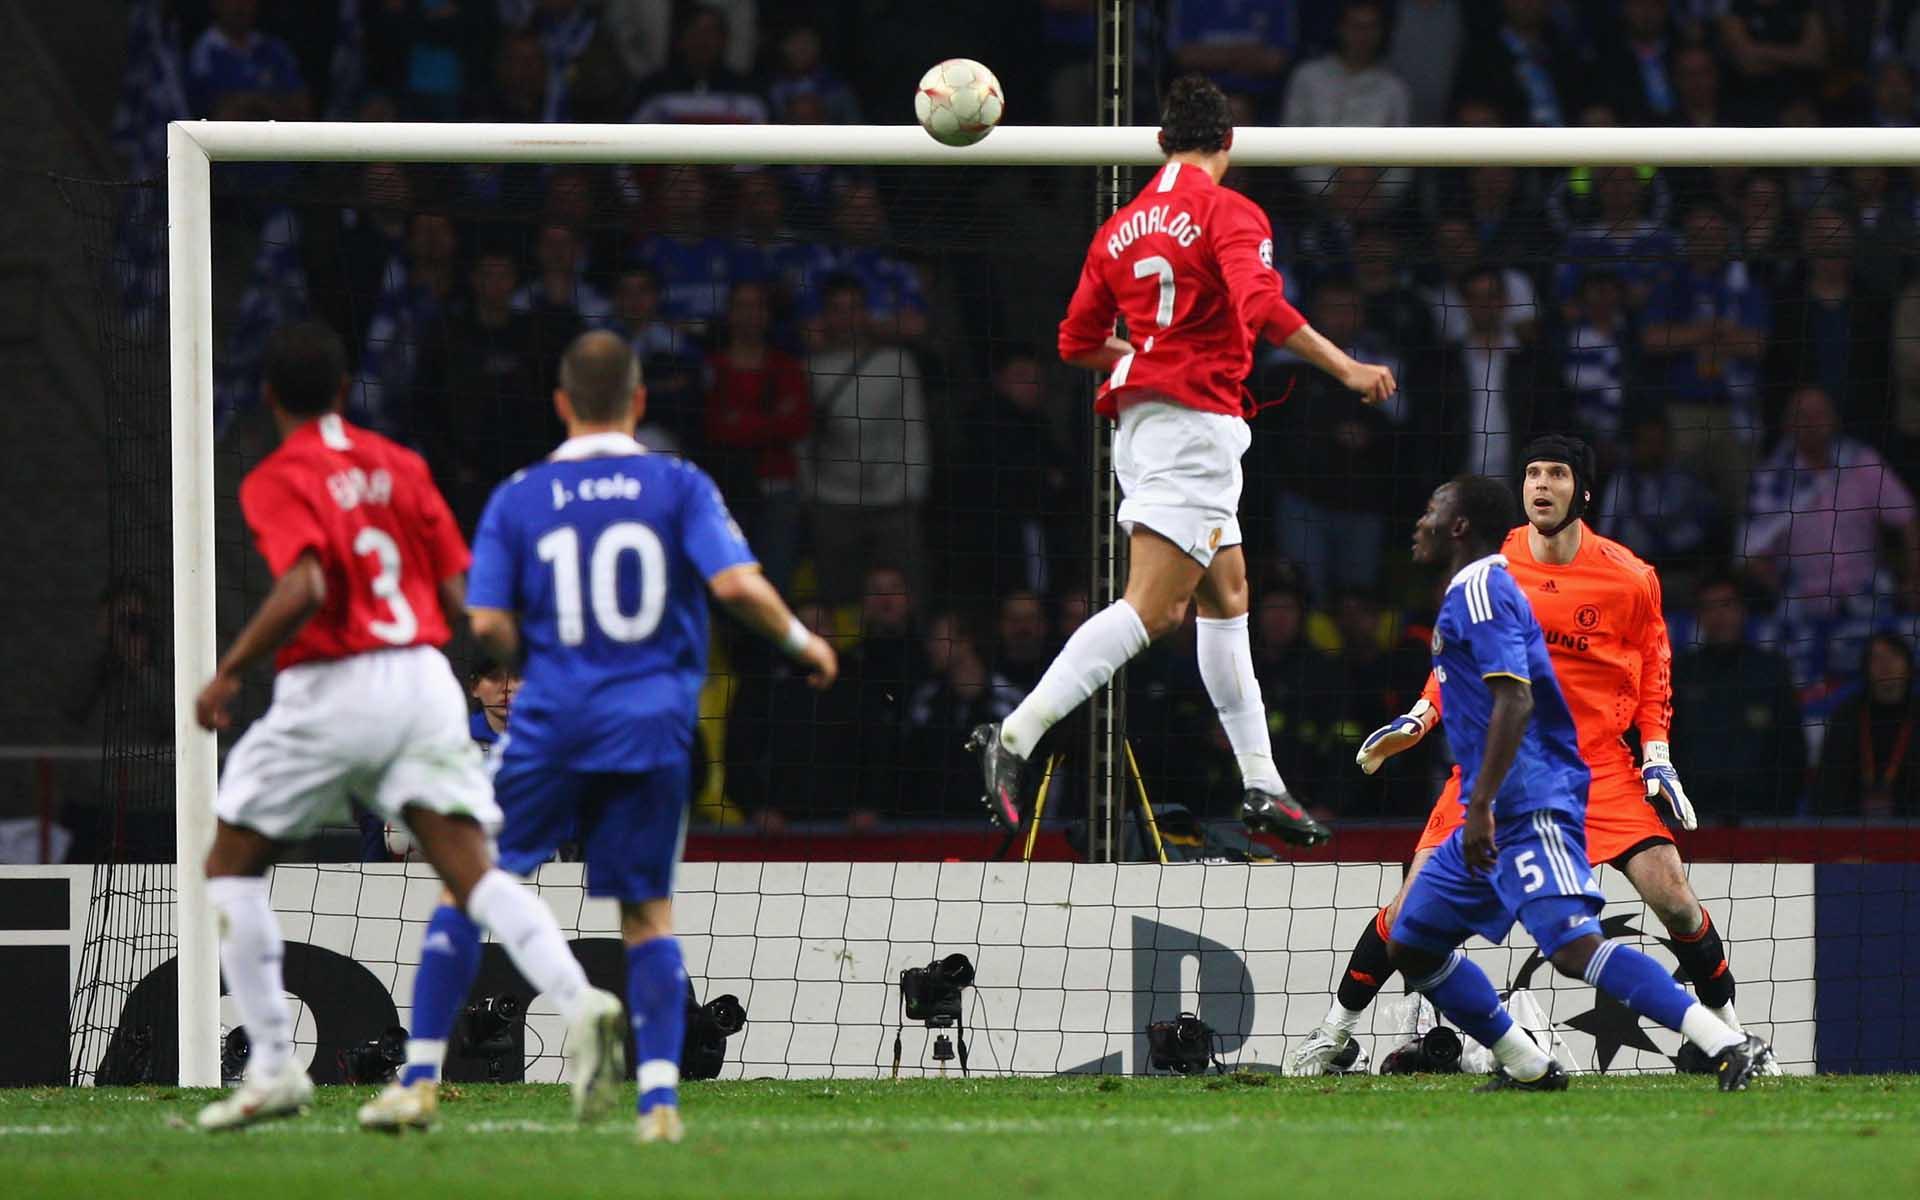 Ronaldo CR7 đã ghi bàn thắng quan trọng tại trận chung kết cúp C1 2007-2008